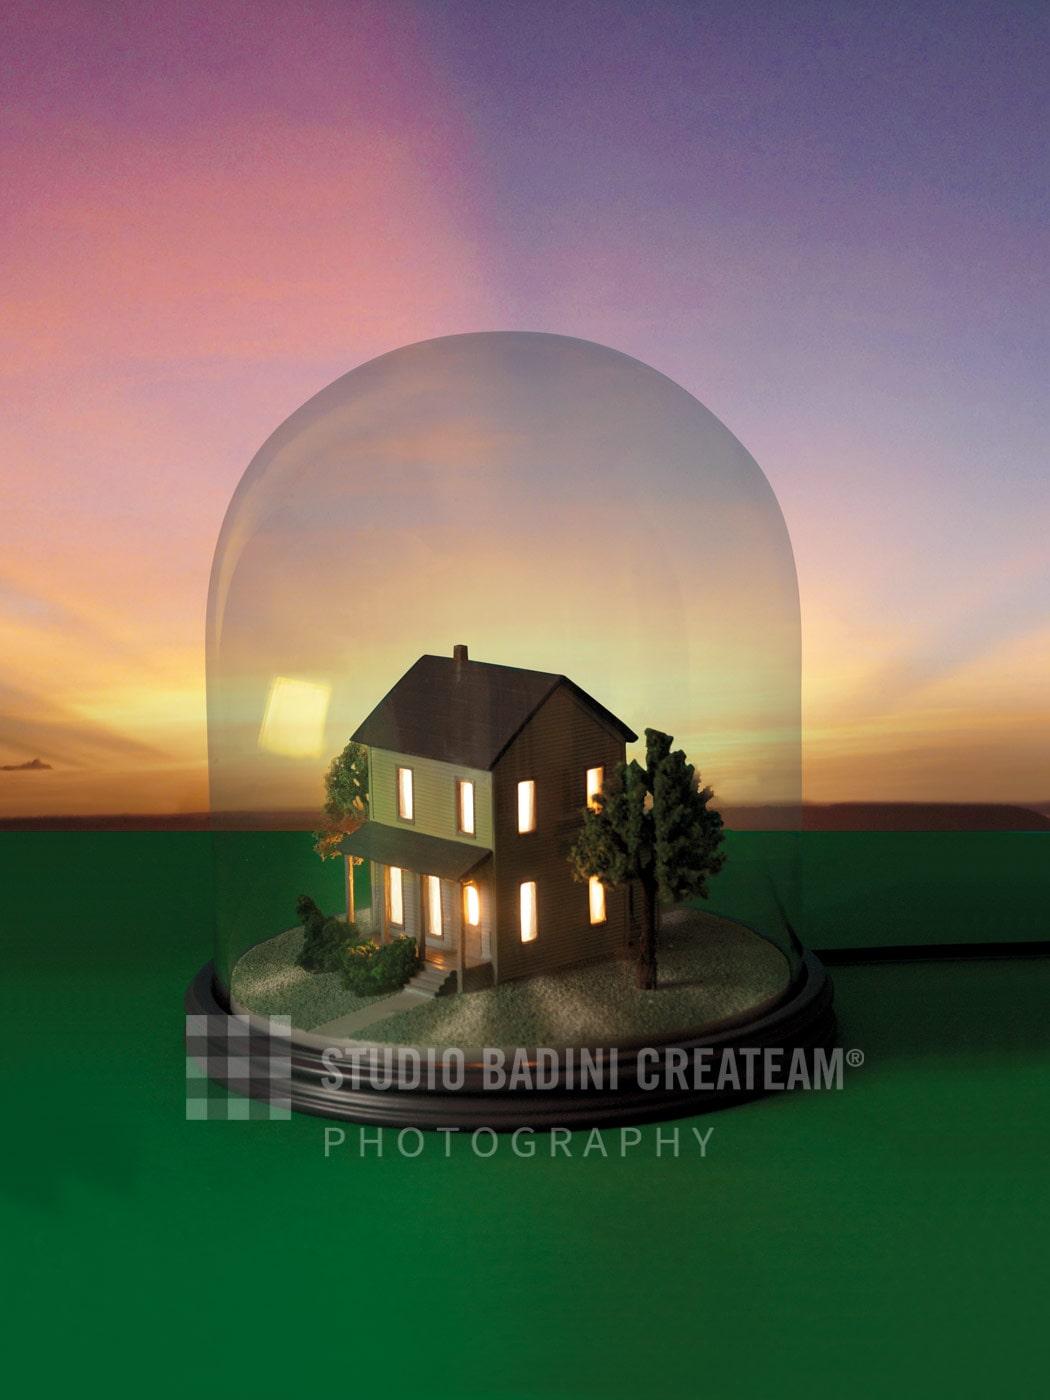 Badini Creative Studio - fotografia - seletti - casetta